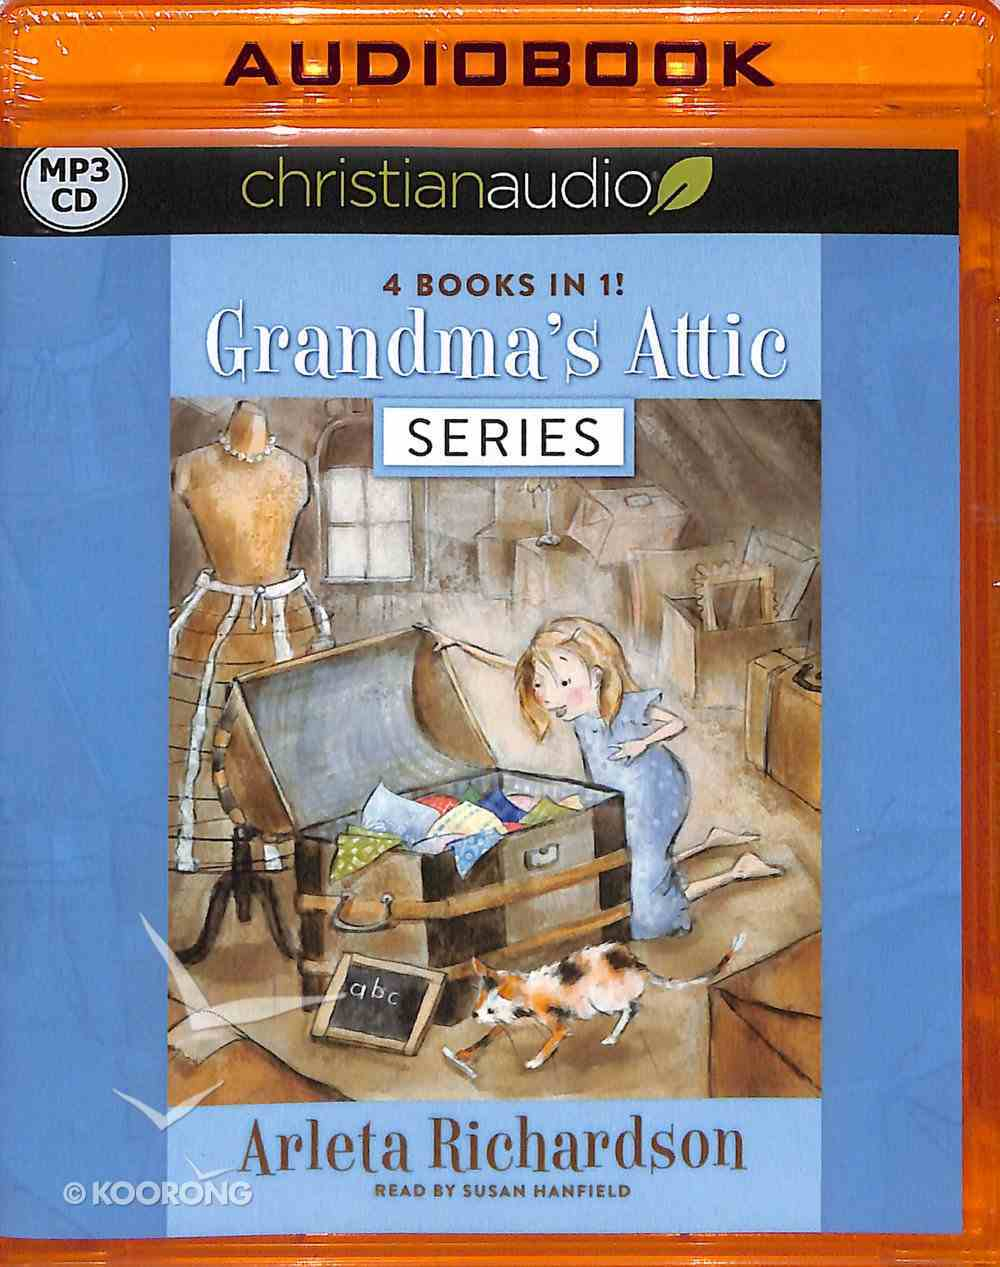 Grandma's Attic Series 4 Books in 1 (Unabridged, MP3) (Grandma's Attic Series) CD